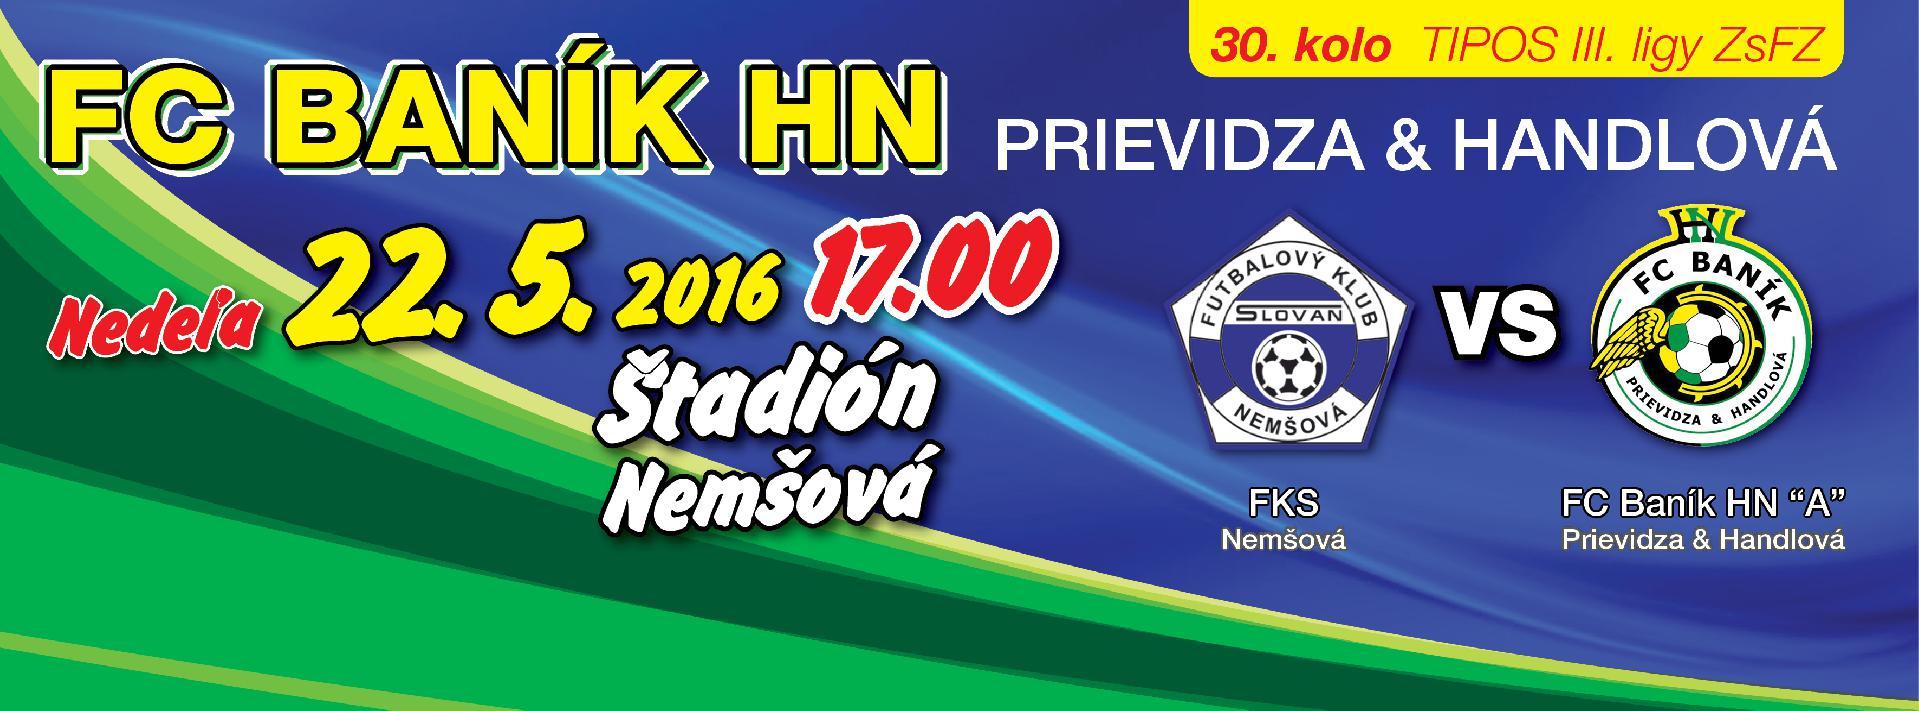 obr: 30. kolo s tímom FKS Nemšová v nedeľu!